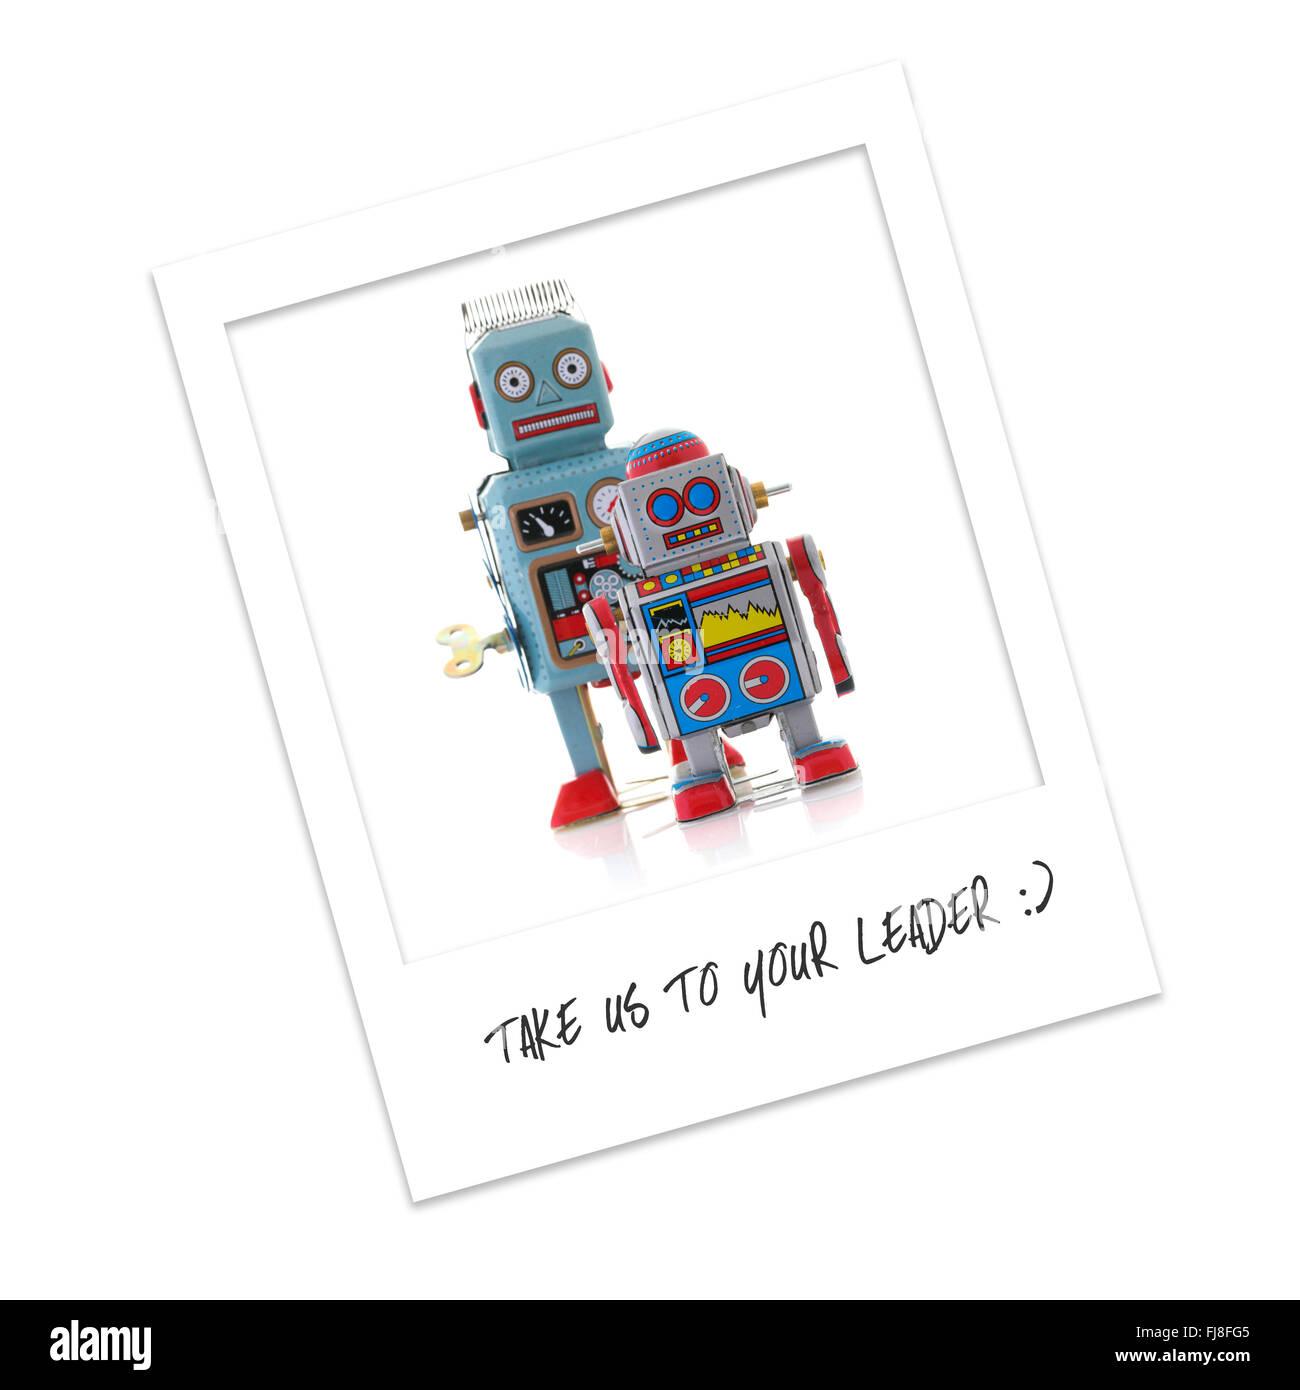 Fotografías Polaroid de Robots - nos llevan a su líder Foto de stock